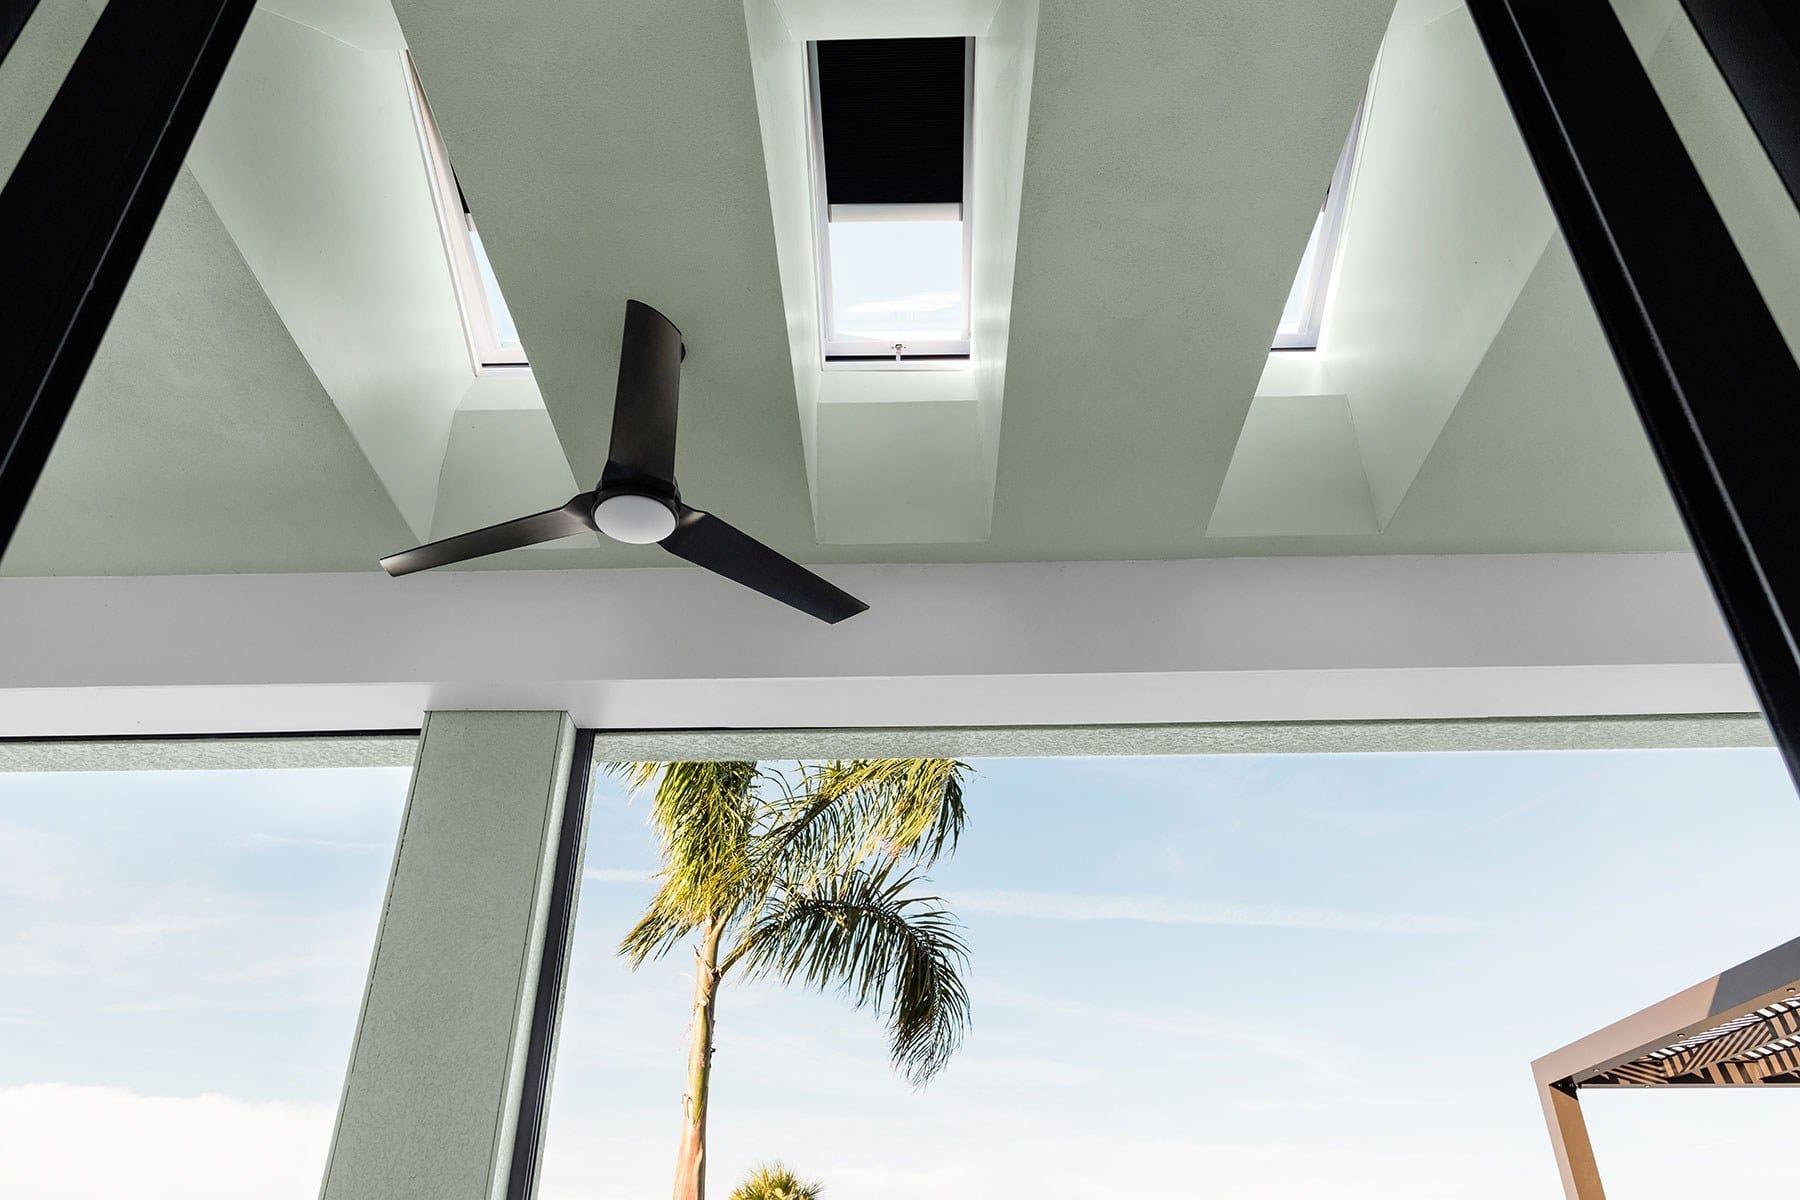 Sh21 lanai skylights open shades 50 closed 1 V0 A5094 h